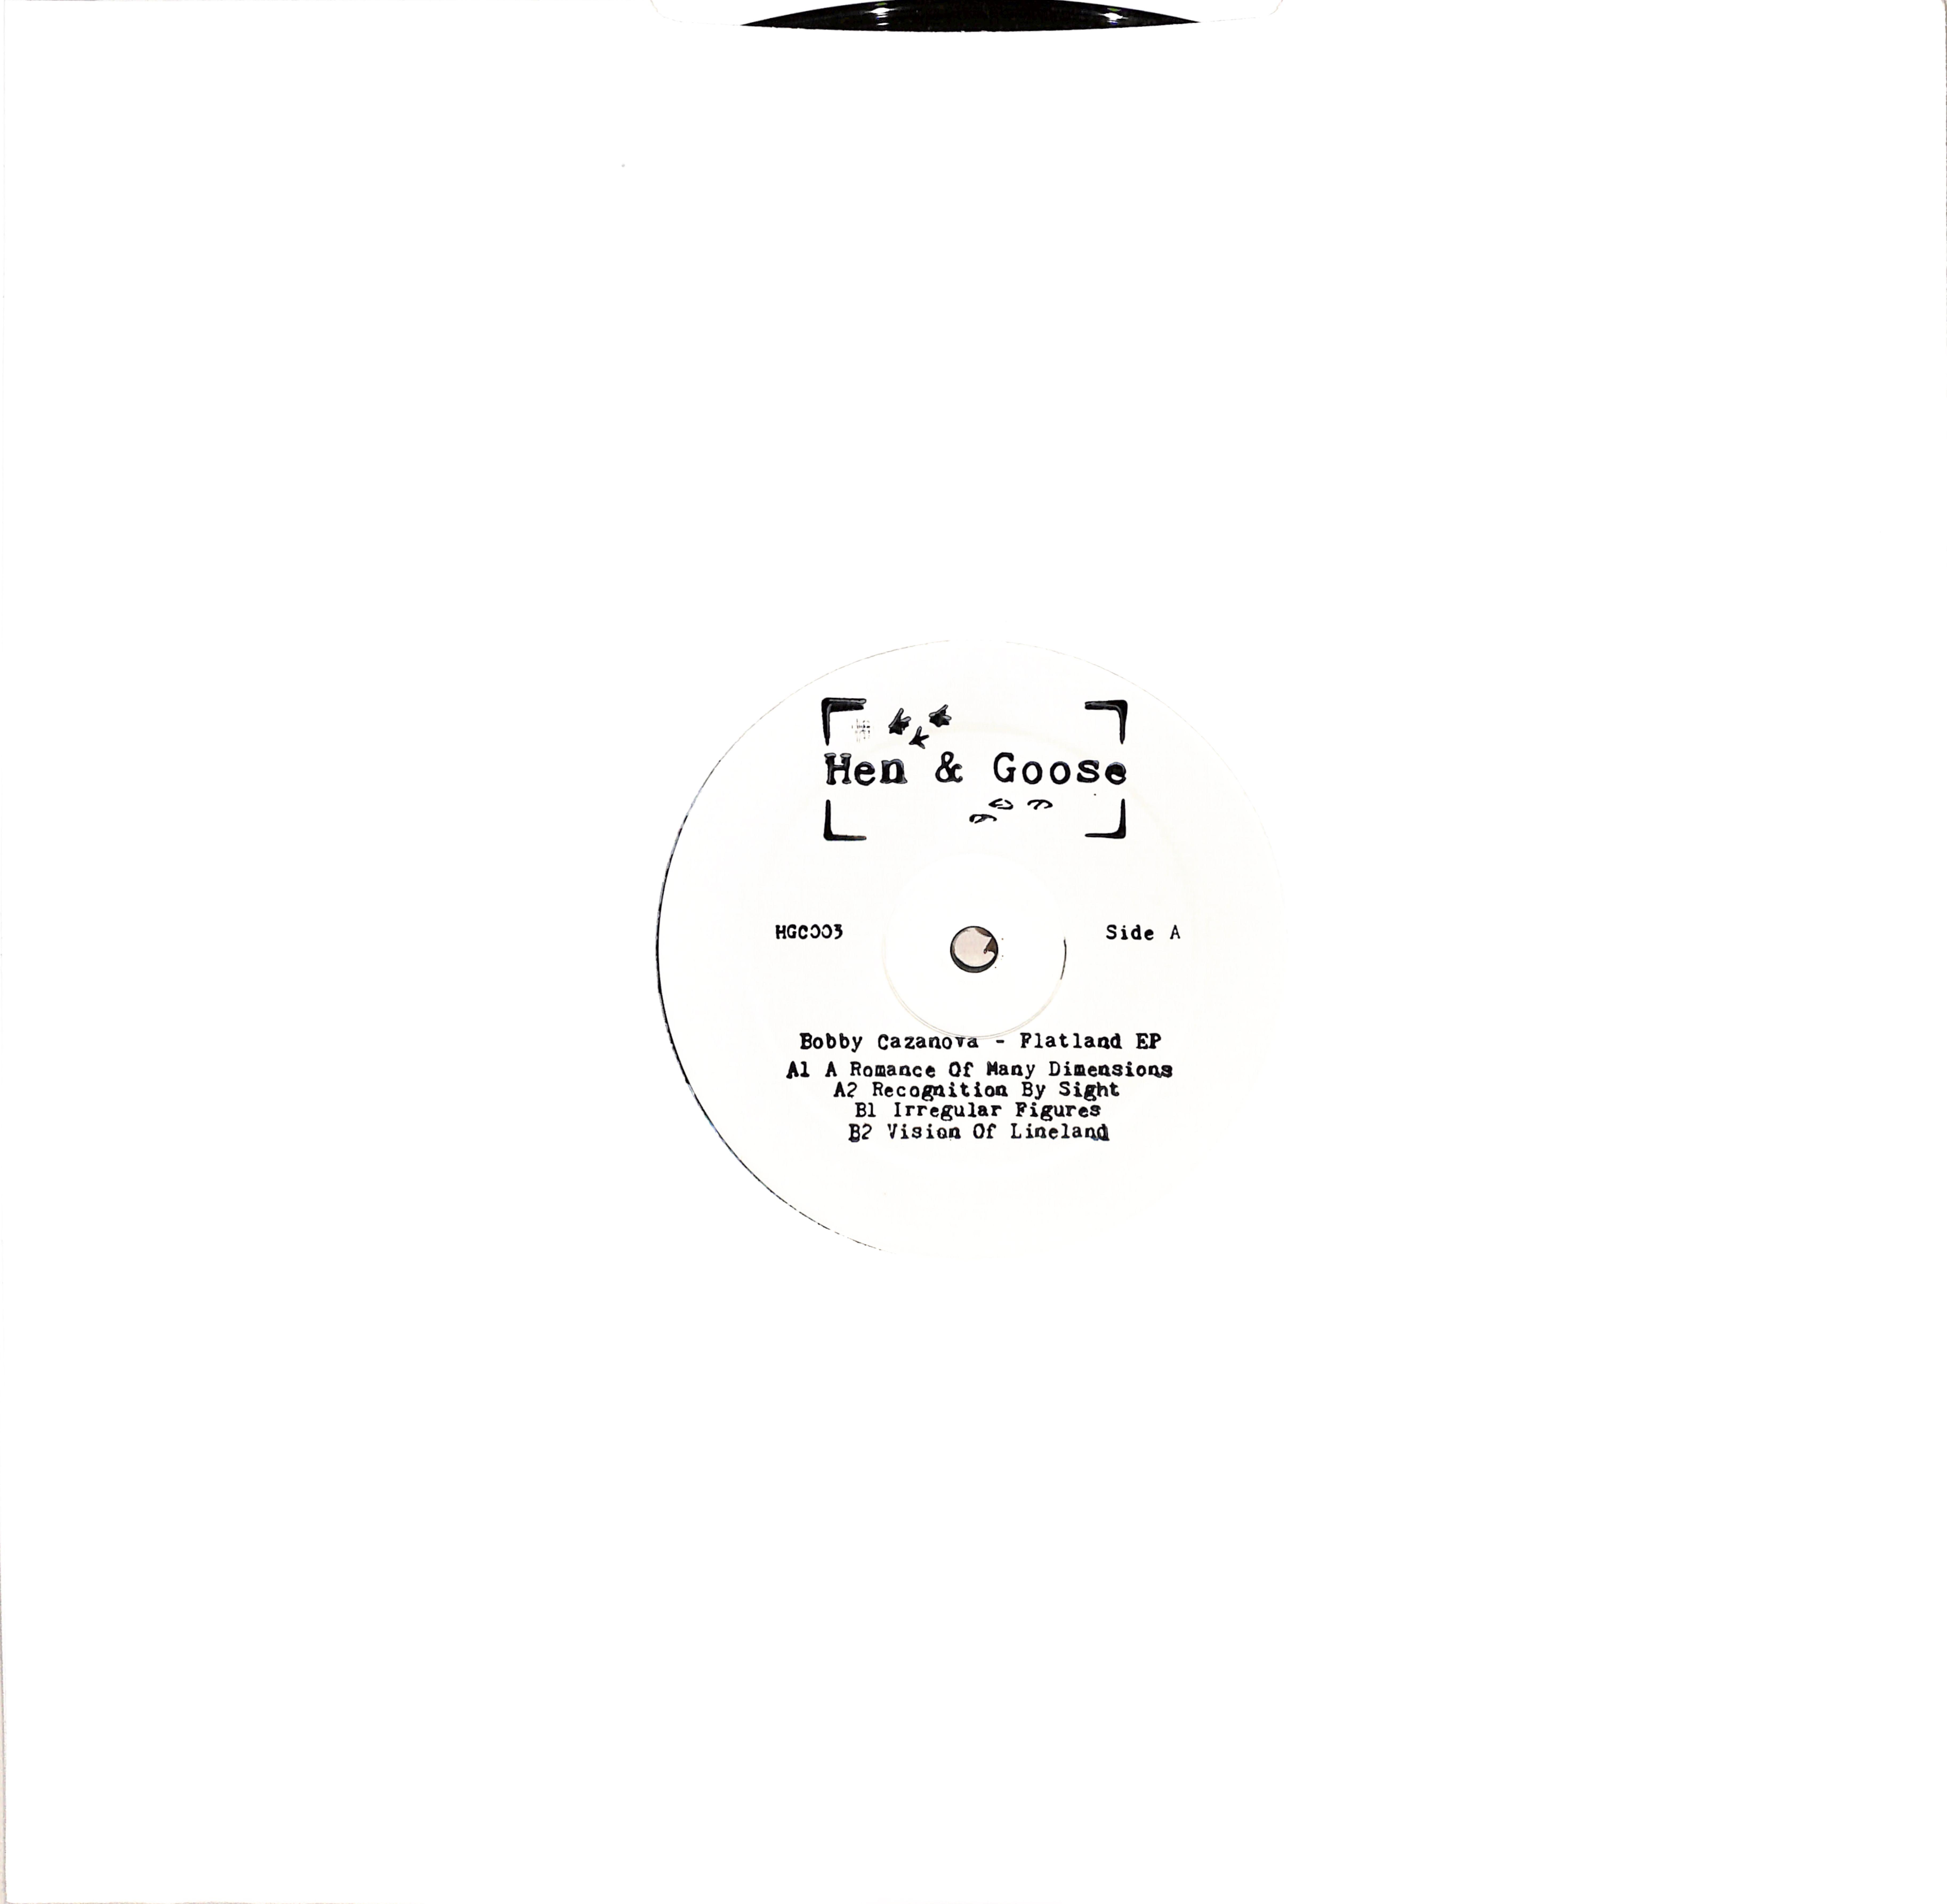 Bobby Cazanova - FLATLAND EP